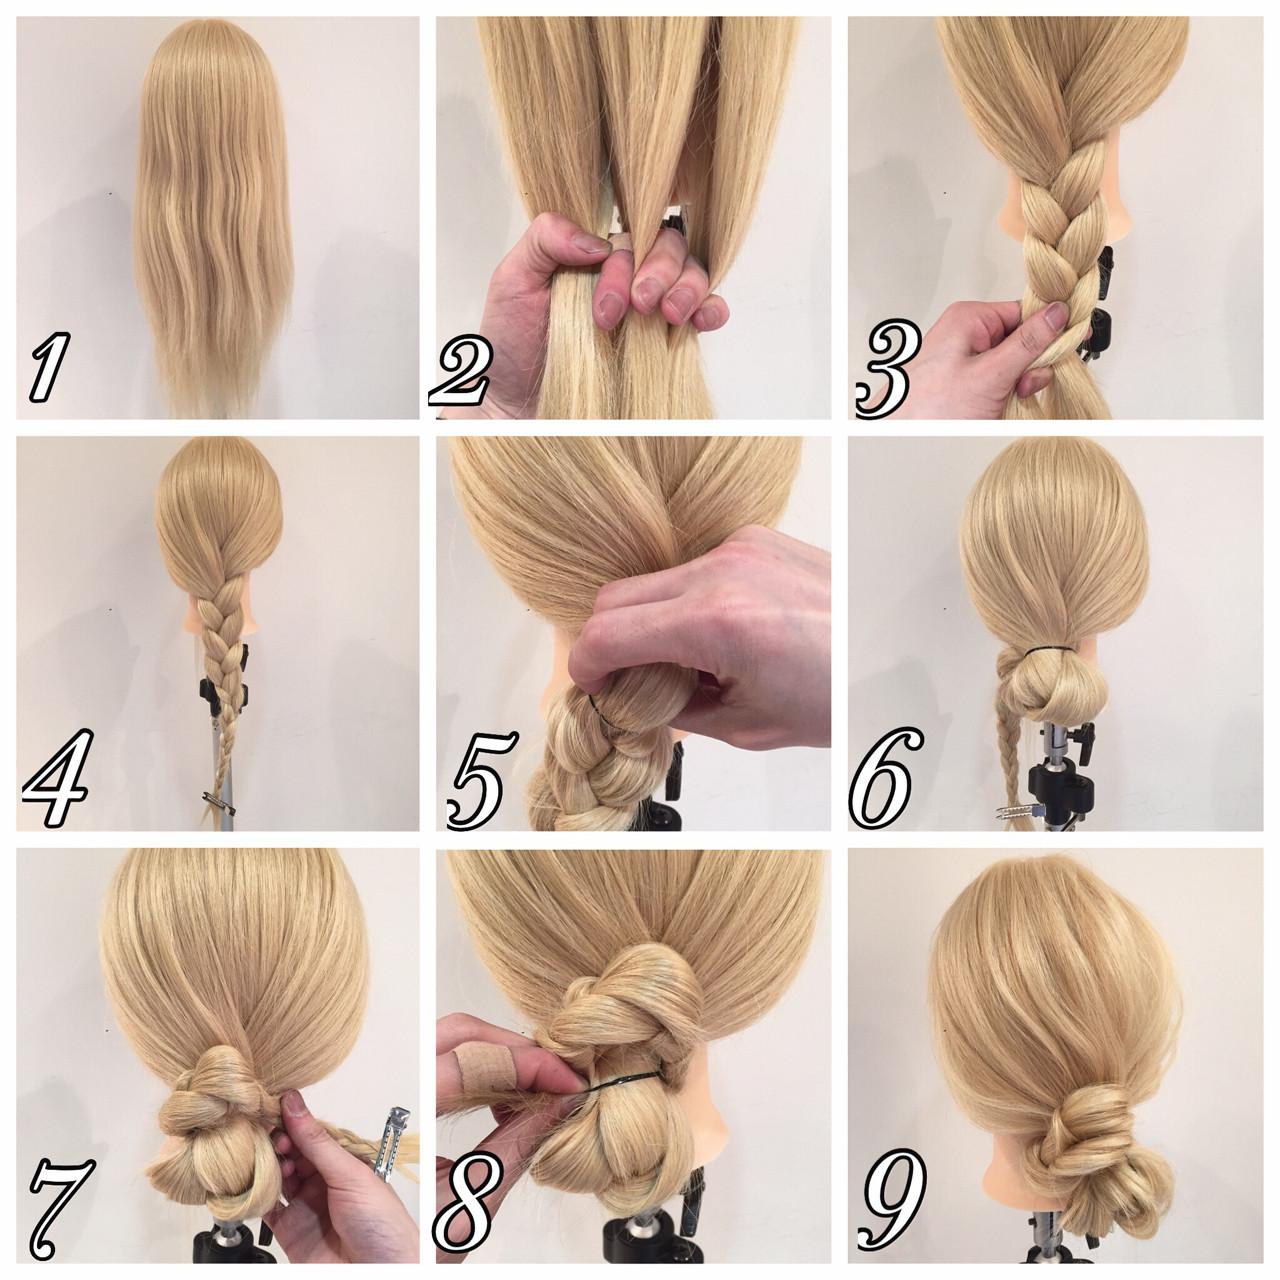 ヘアアレンジ ロング 波ウェーブ メッシーバン ヘアスタイルや髪型の写真・画像